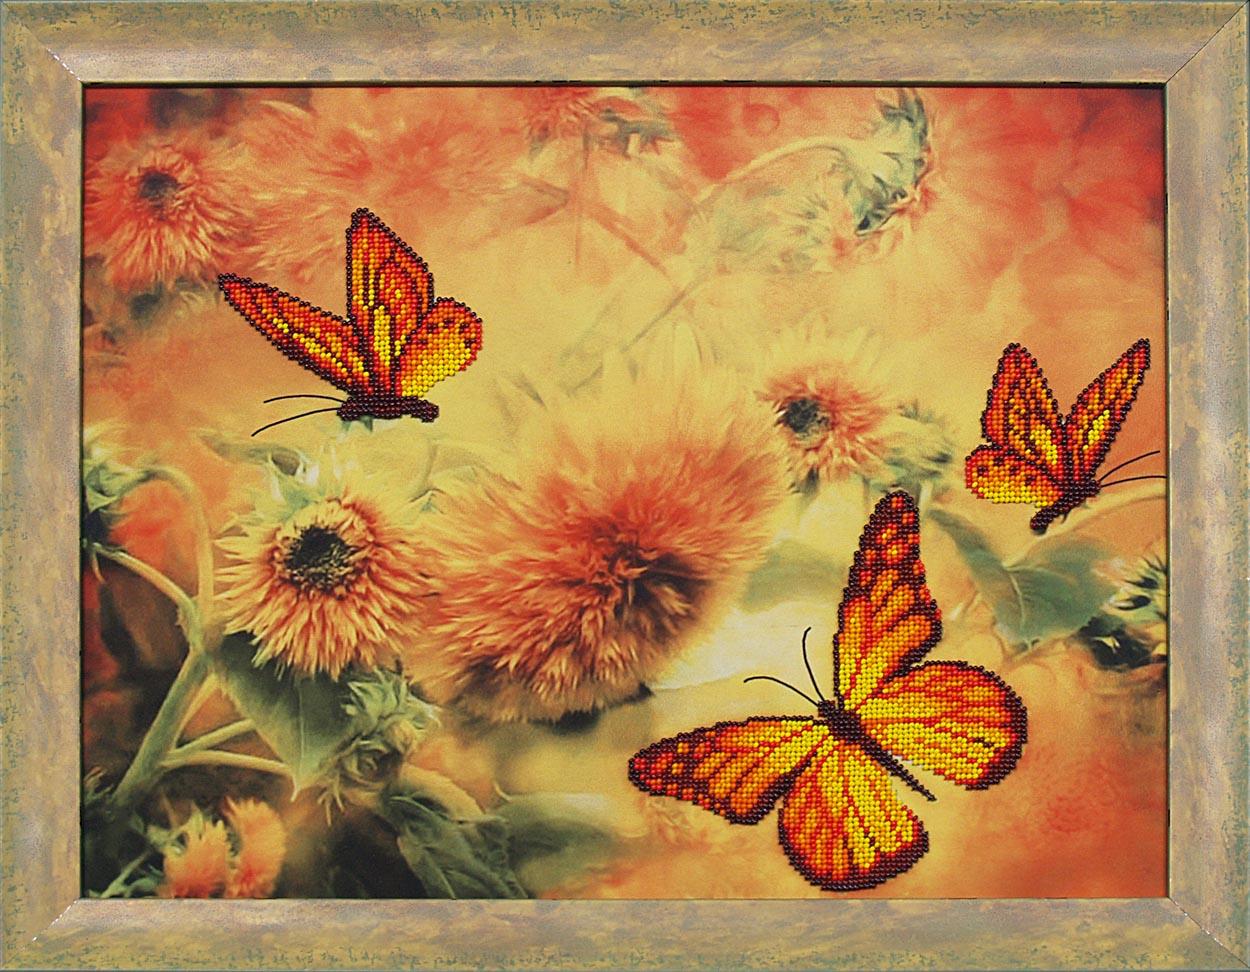 Вышивание бисером Летний сон, Магия канвы Б-019 купить в санкт петербурге Шале, Для бисерной вышивки.